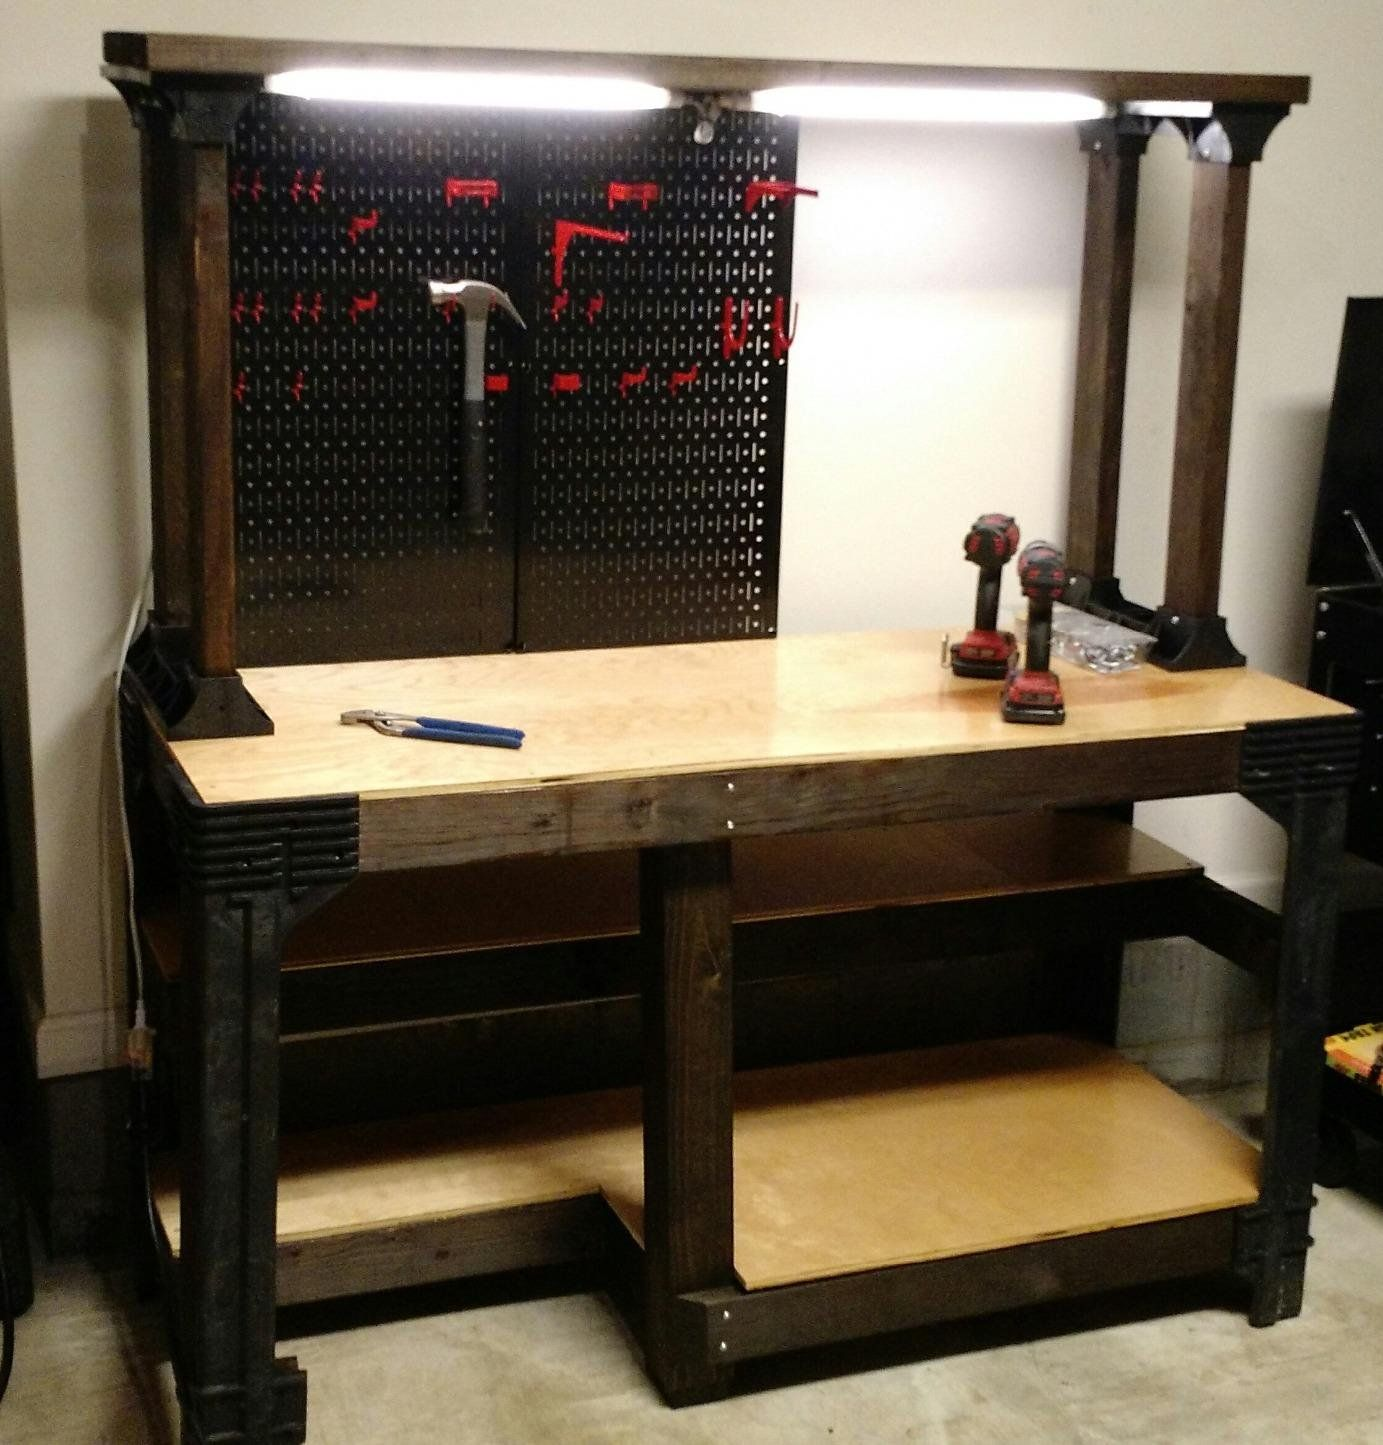 Garage Workbench and Storage Systems